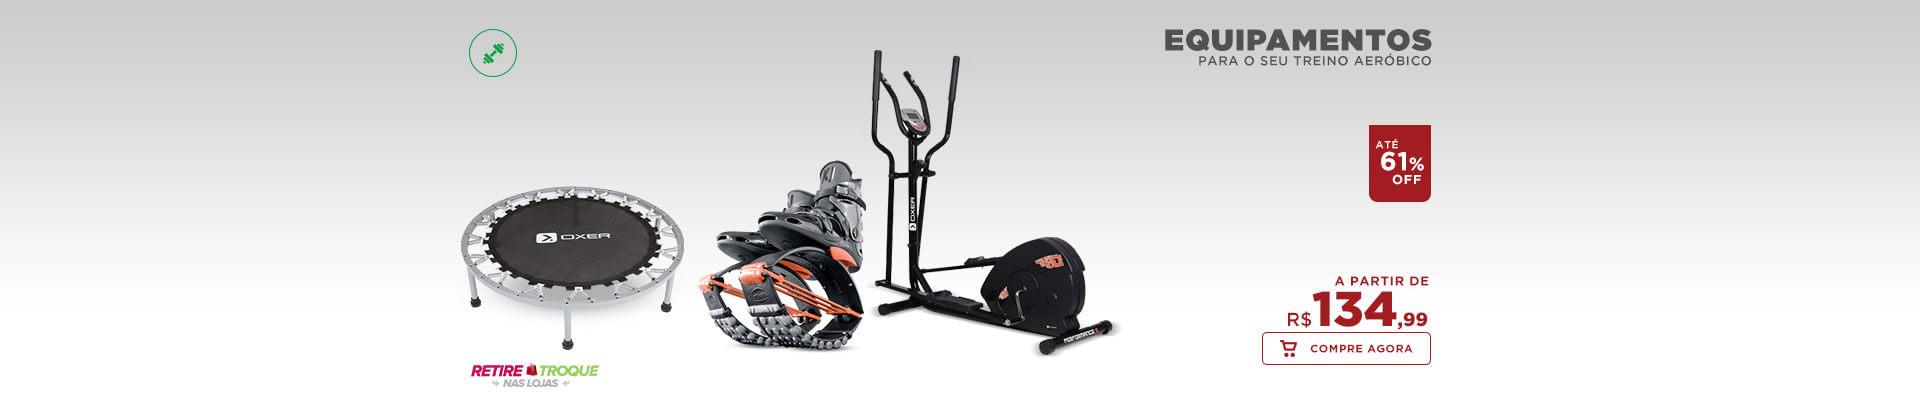 Equipamentos para seu treino aeróbico